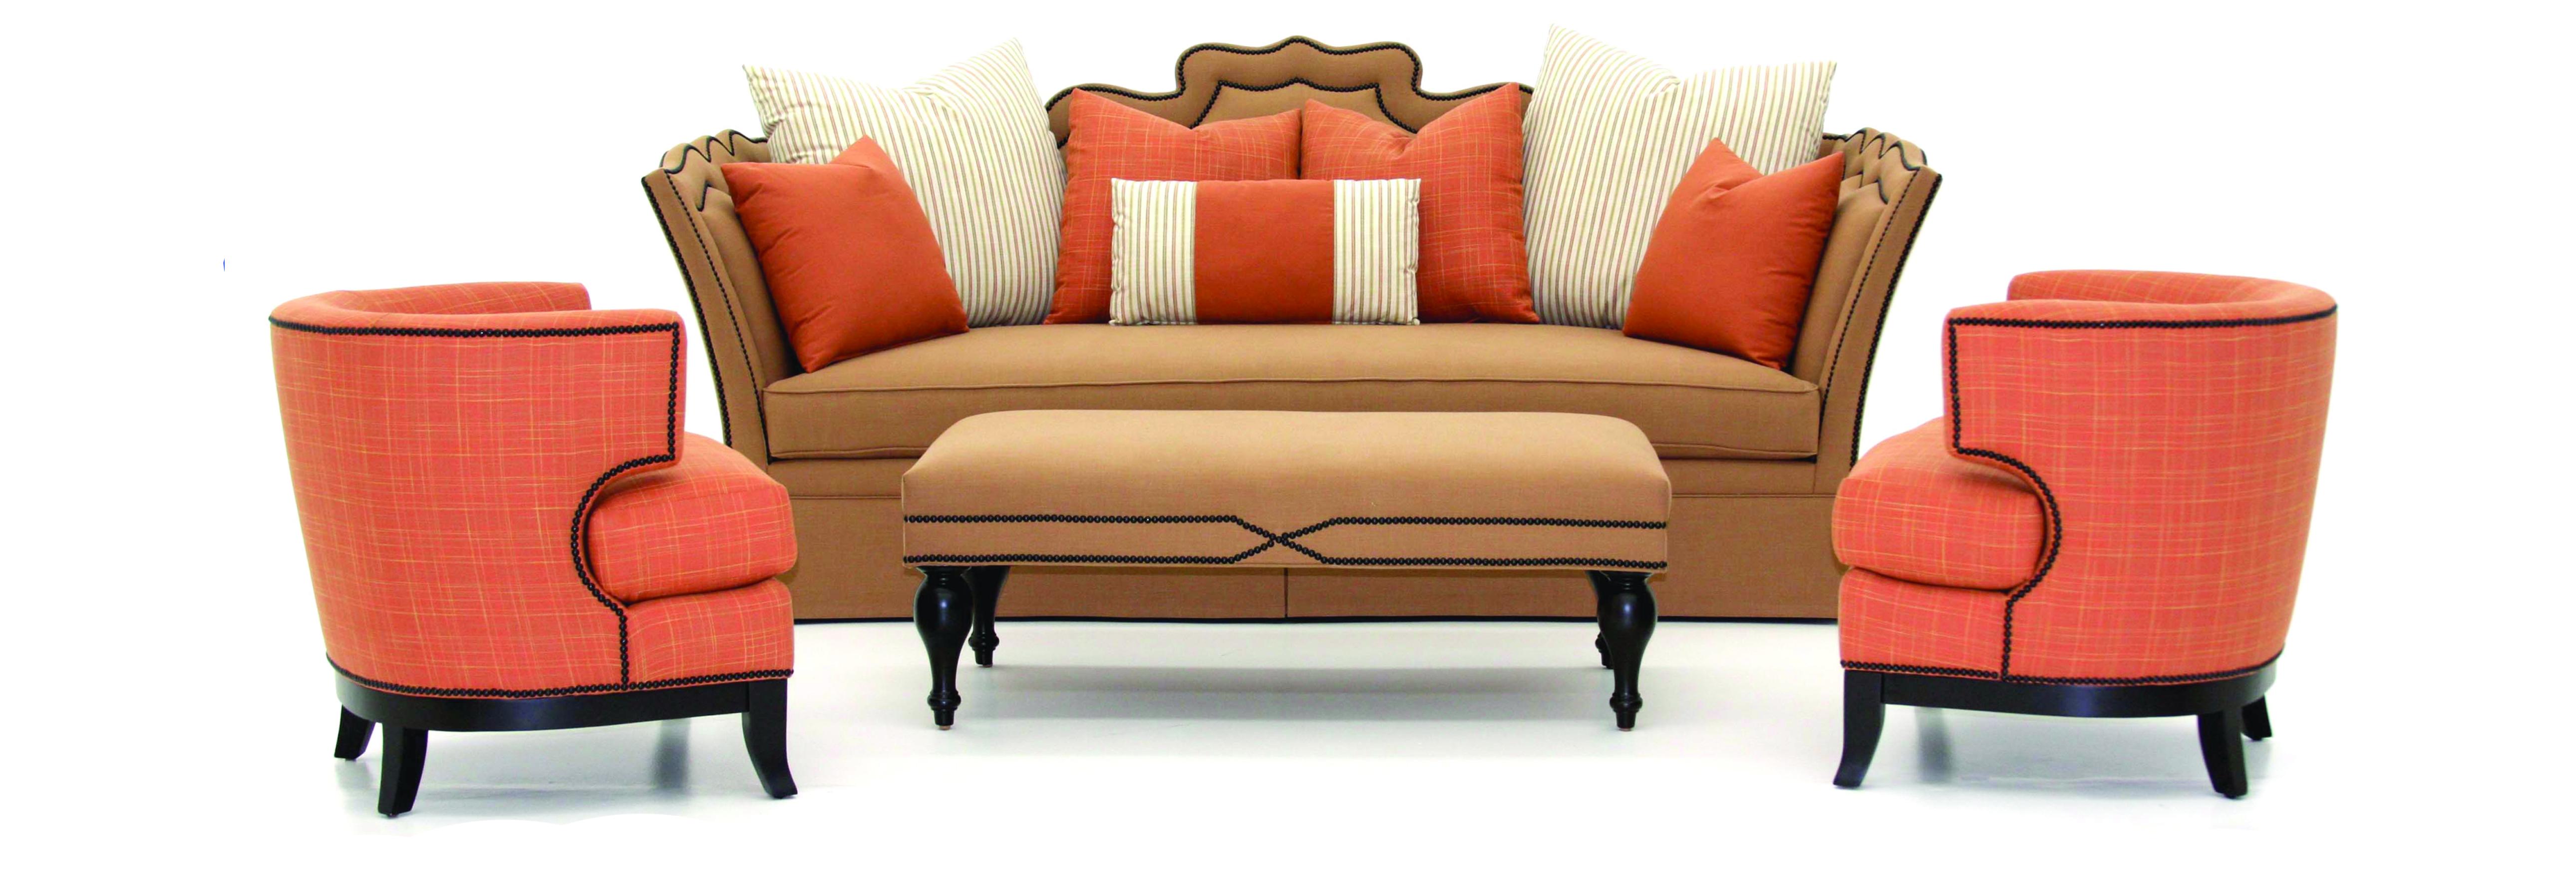 مفروشات و ديكورات , - اعلن مجاناً في منصة وموقع عنكبوت للاعلانات المجانية المبوبة|photos/2018/03/slider1-furniture-decorations.jpg